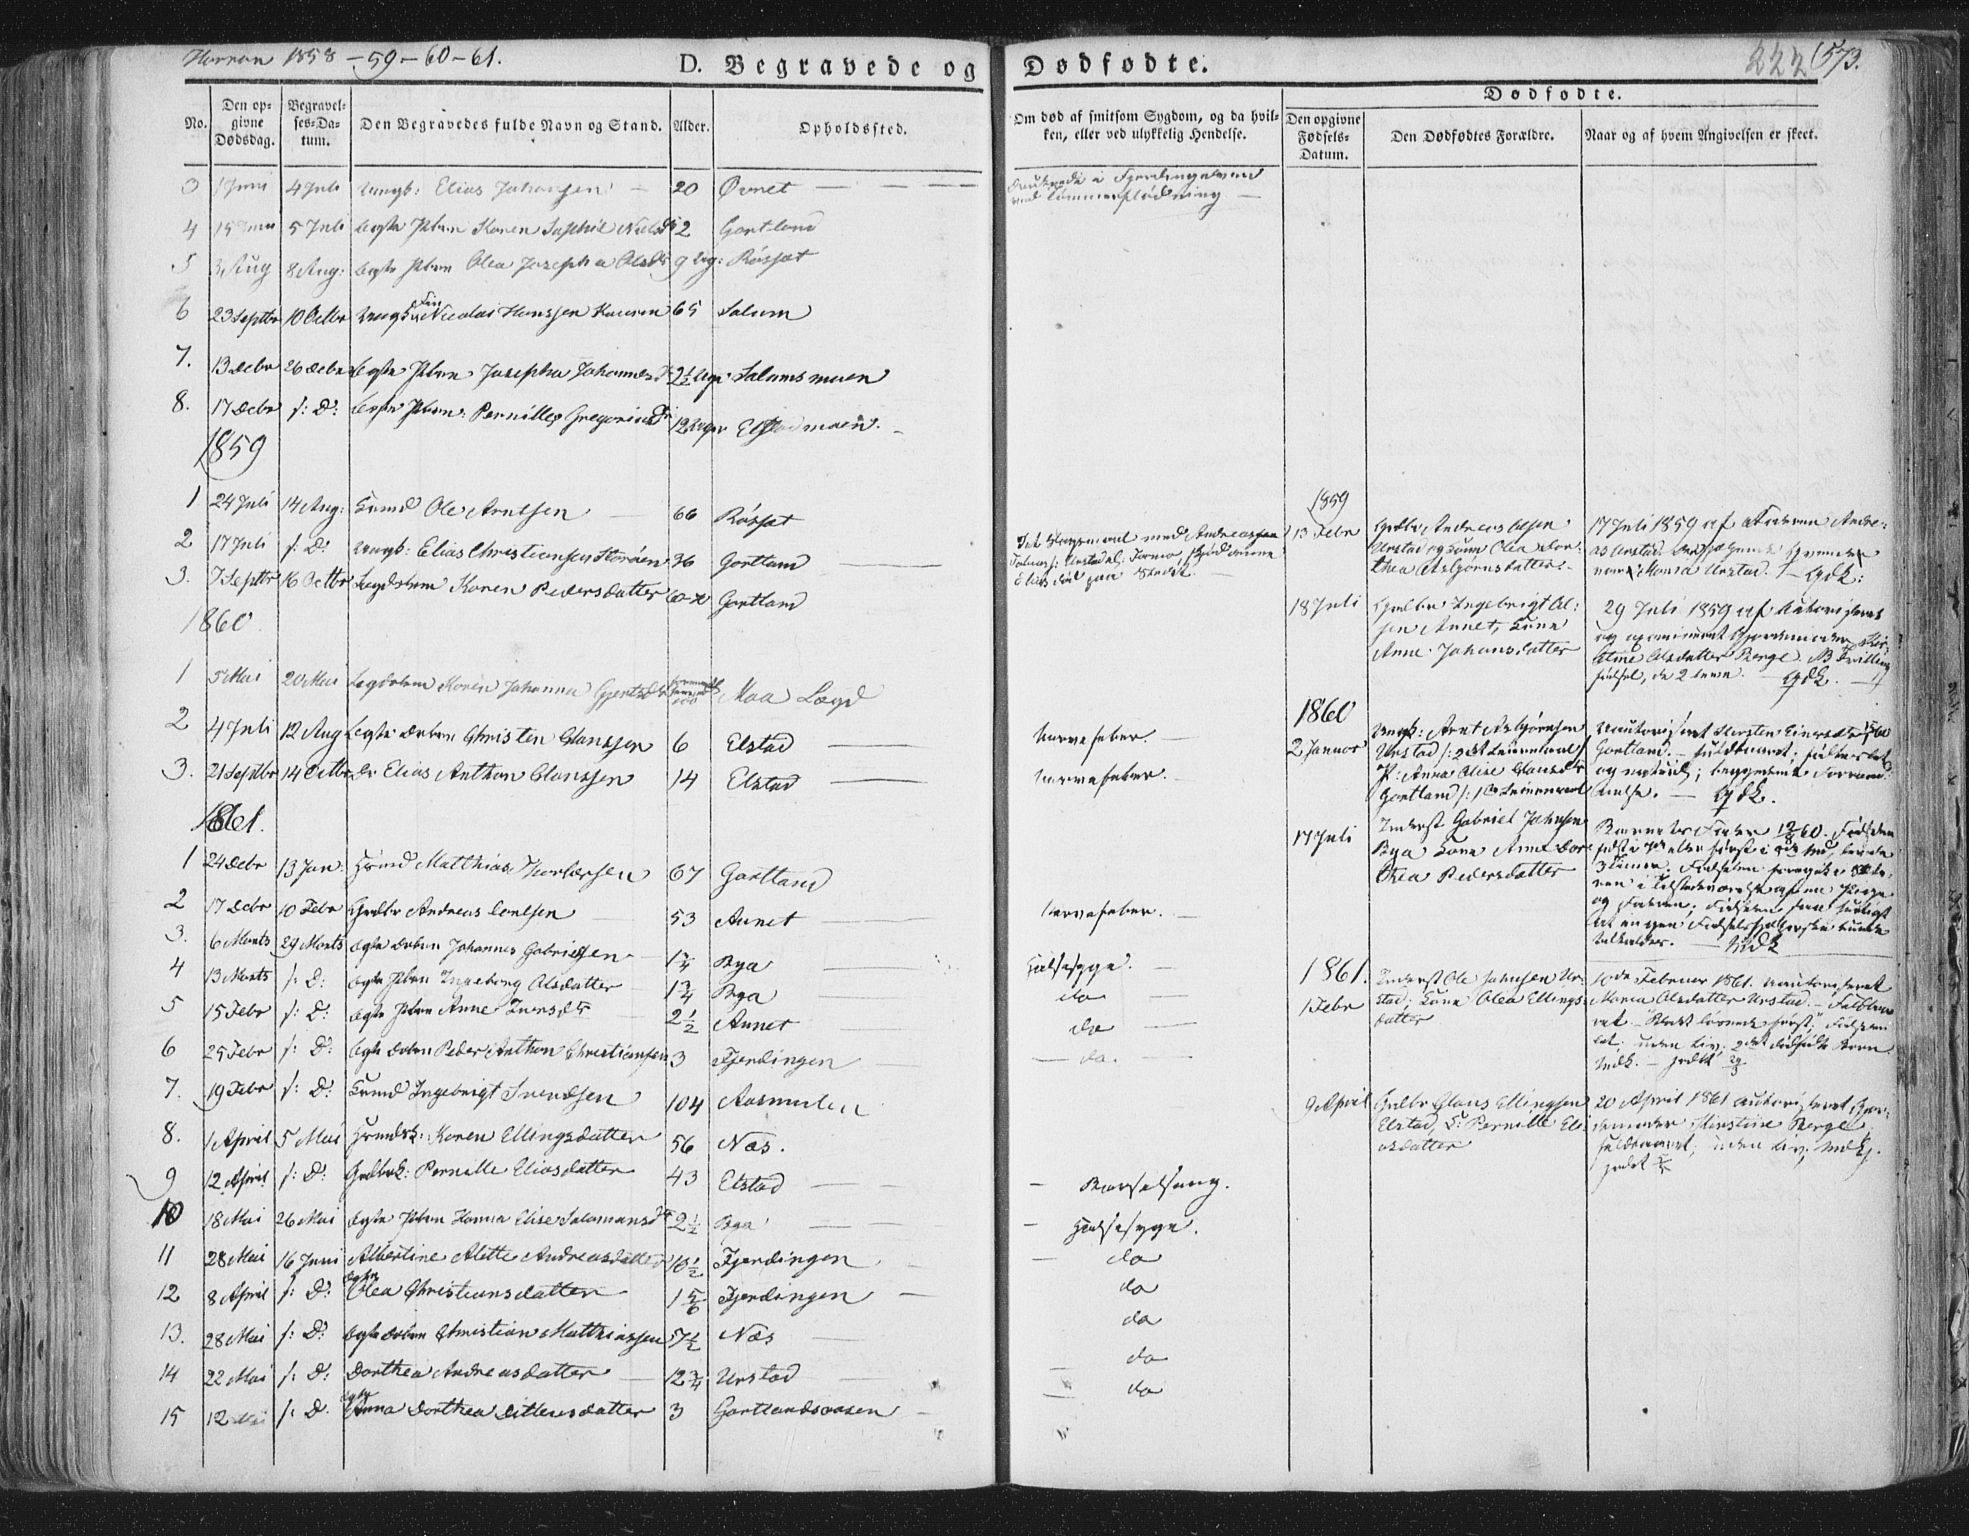 SAT, Ministerialprotokoller, klokkerbøker og fødselsregistre - Nord-Trøndelag, 758/L0513: Ministerialbok nr. 758A02 /3, 1839-1868, s. 222